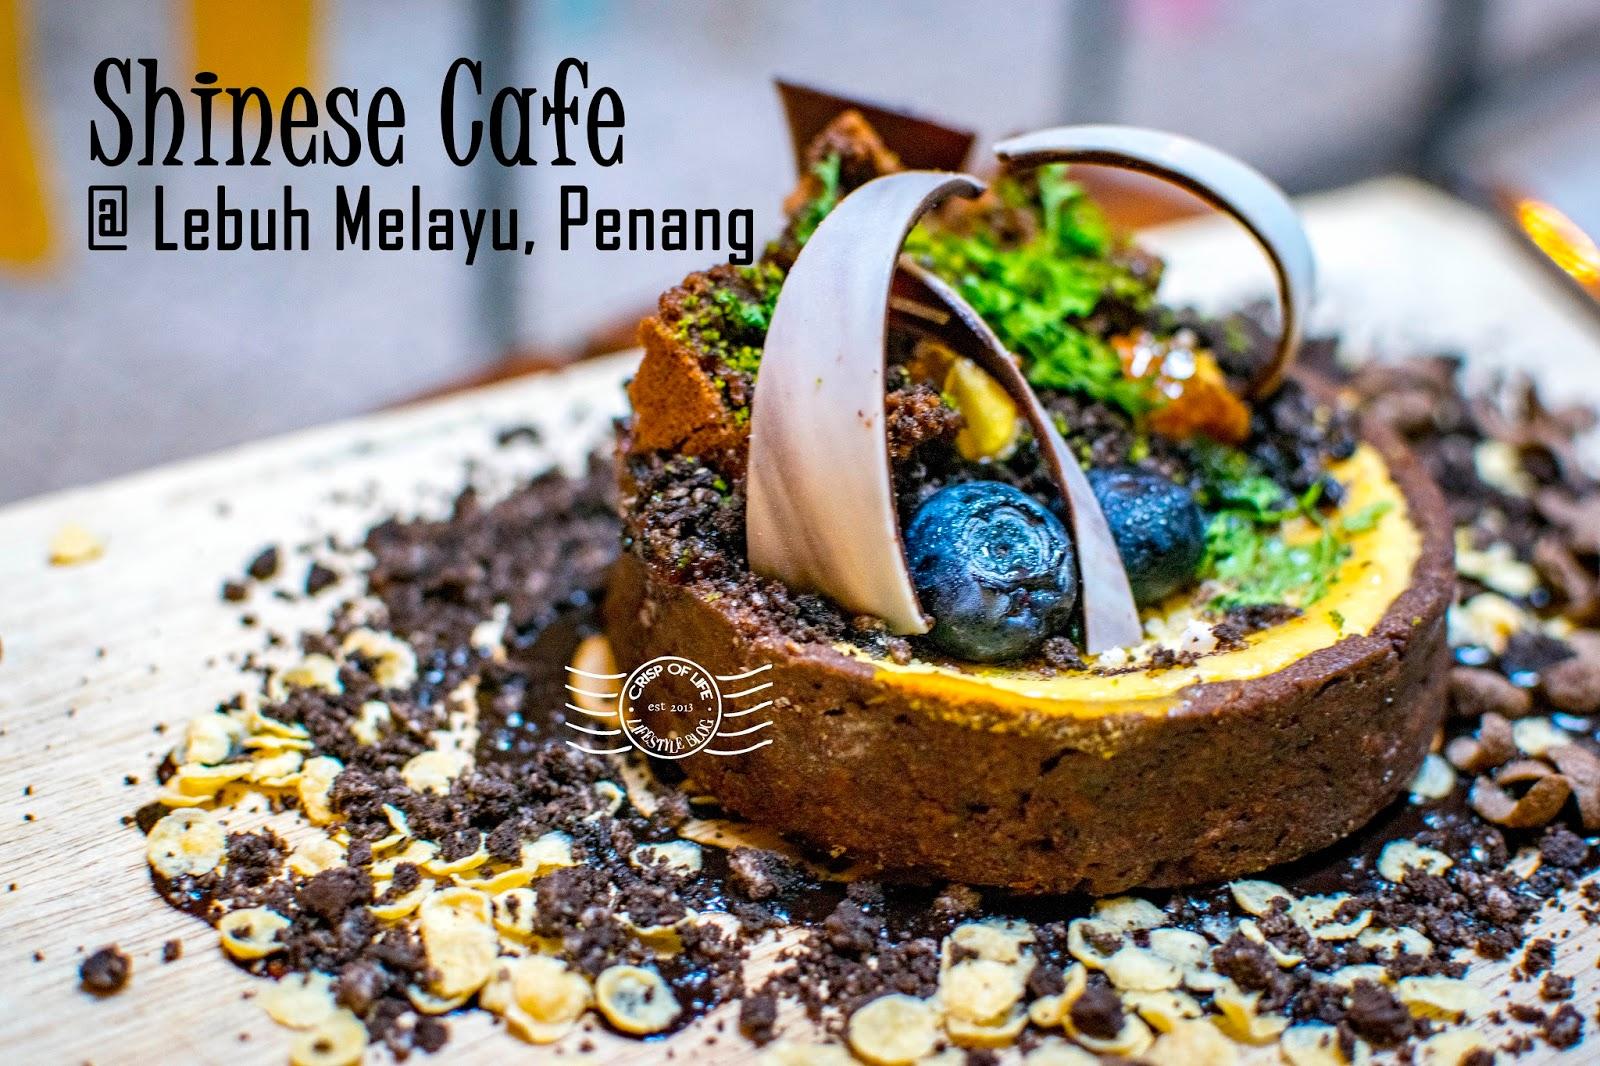 Lebuh Melayu Penang cafe